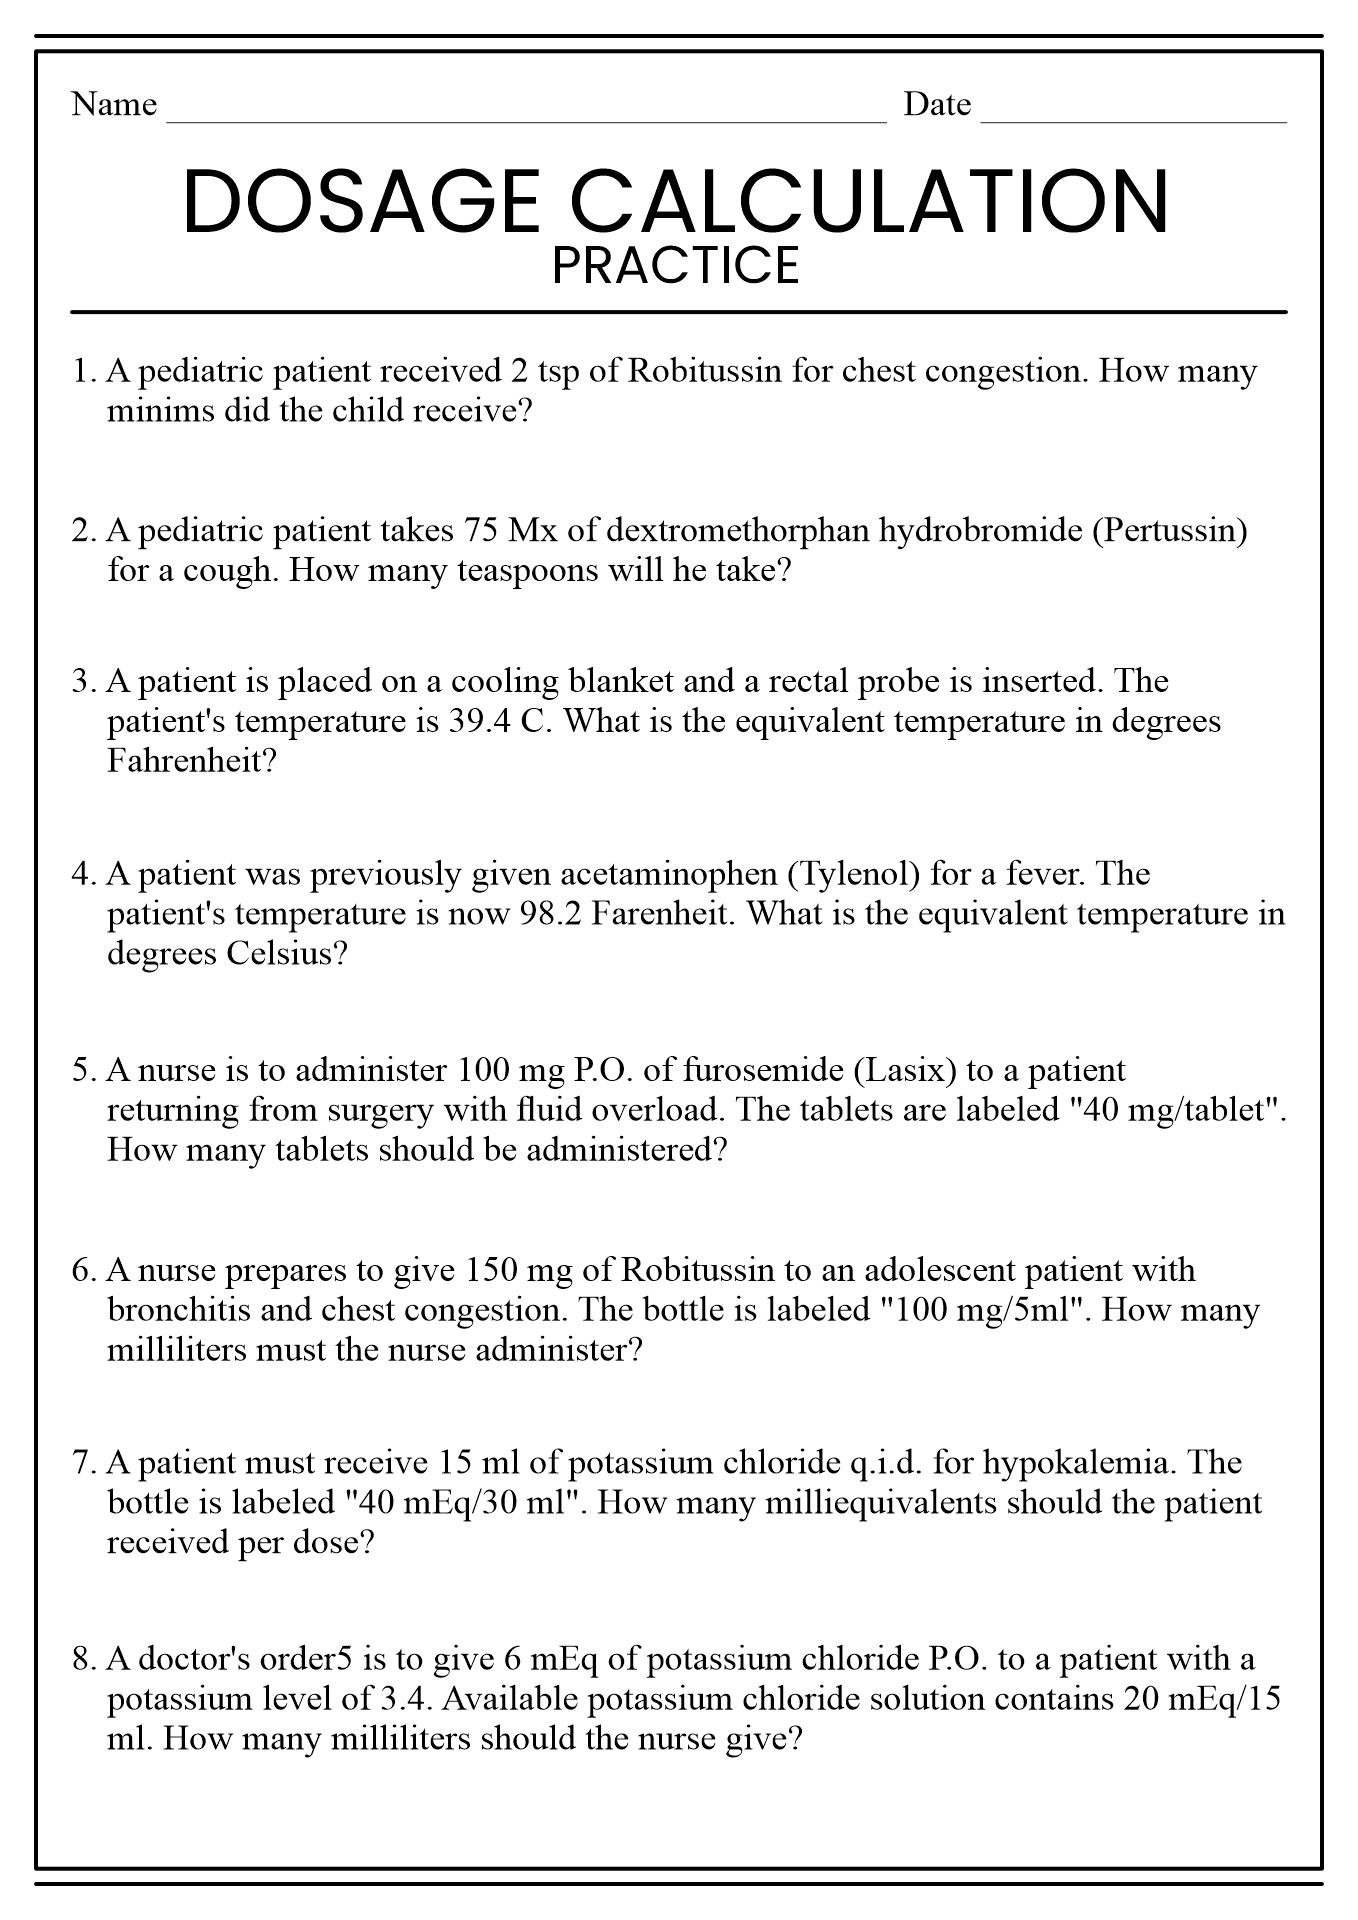 Medical Math Worksheets